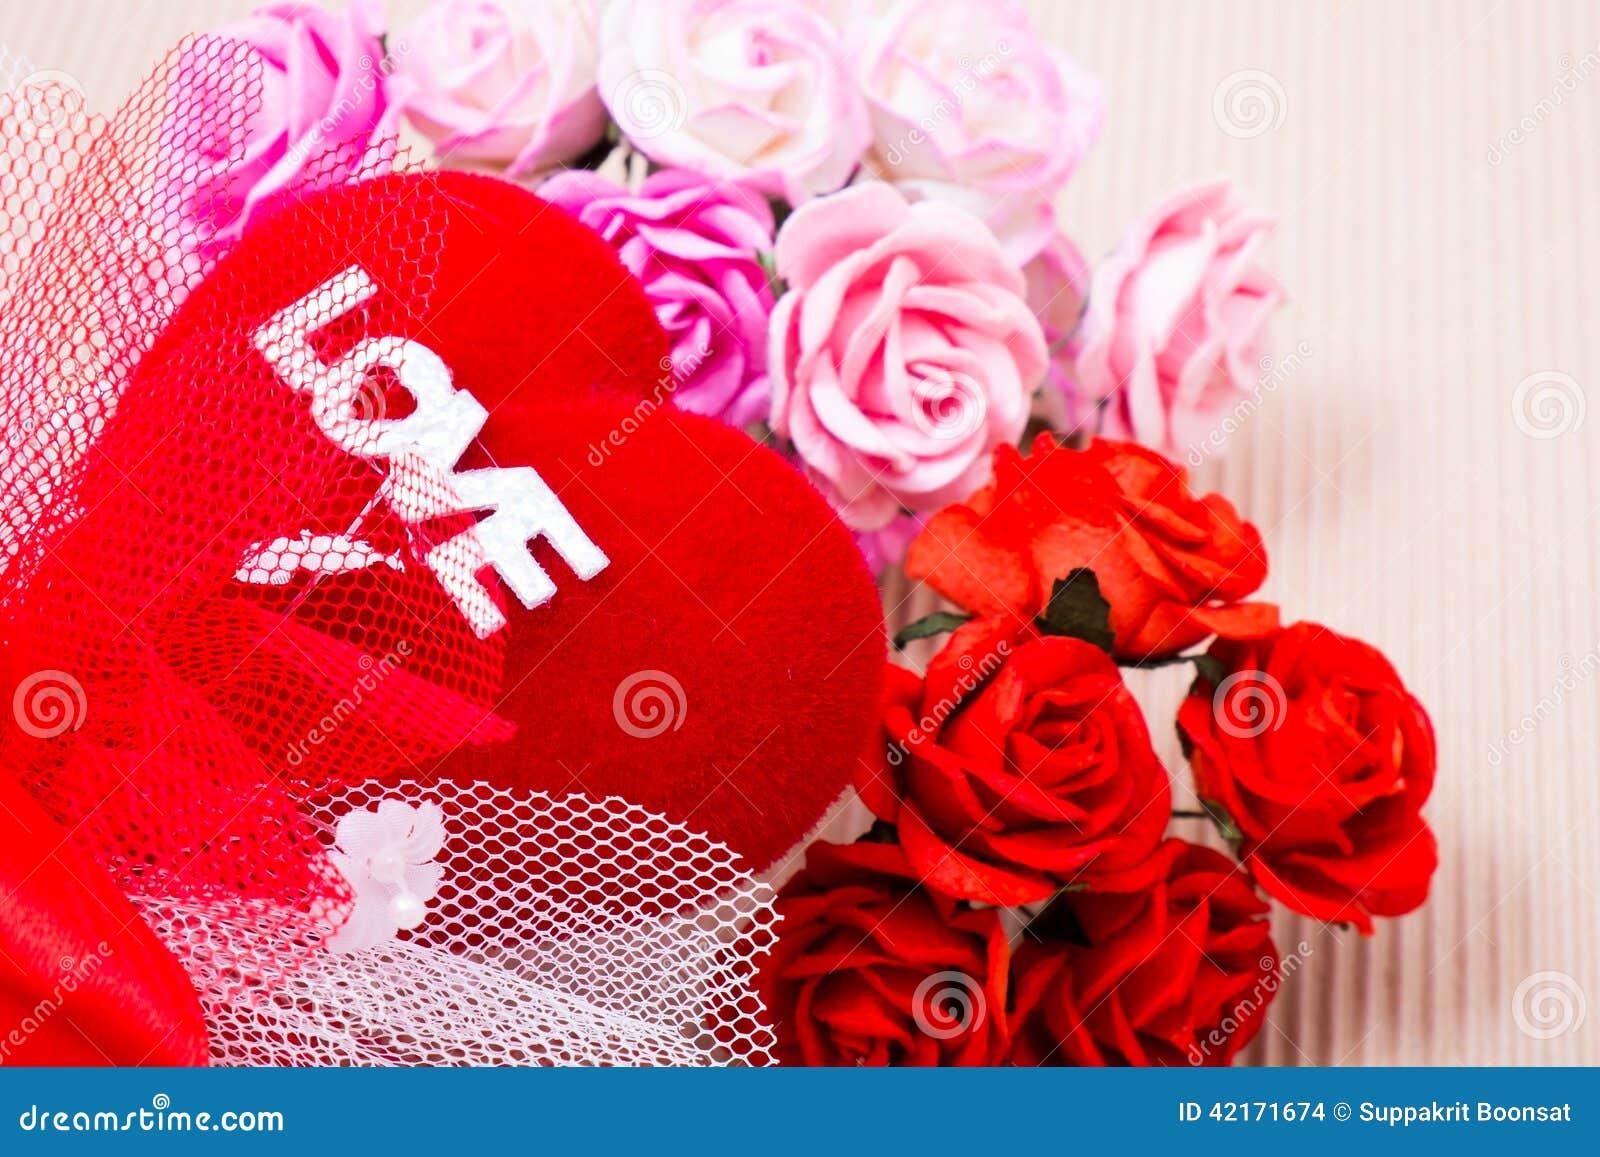 coeur rouge avec le mot et les roses d 39 amour photo stock image du valentines bouquet 42171674. Black Bedroom Furniture Sets. Home Design Ideas